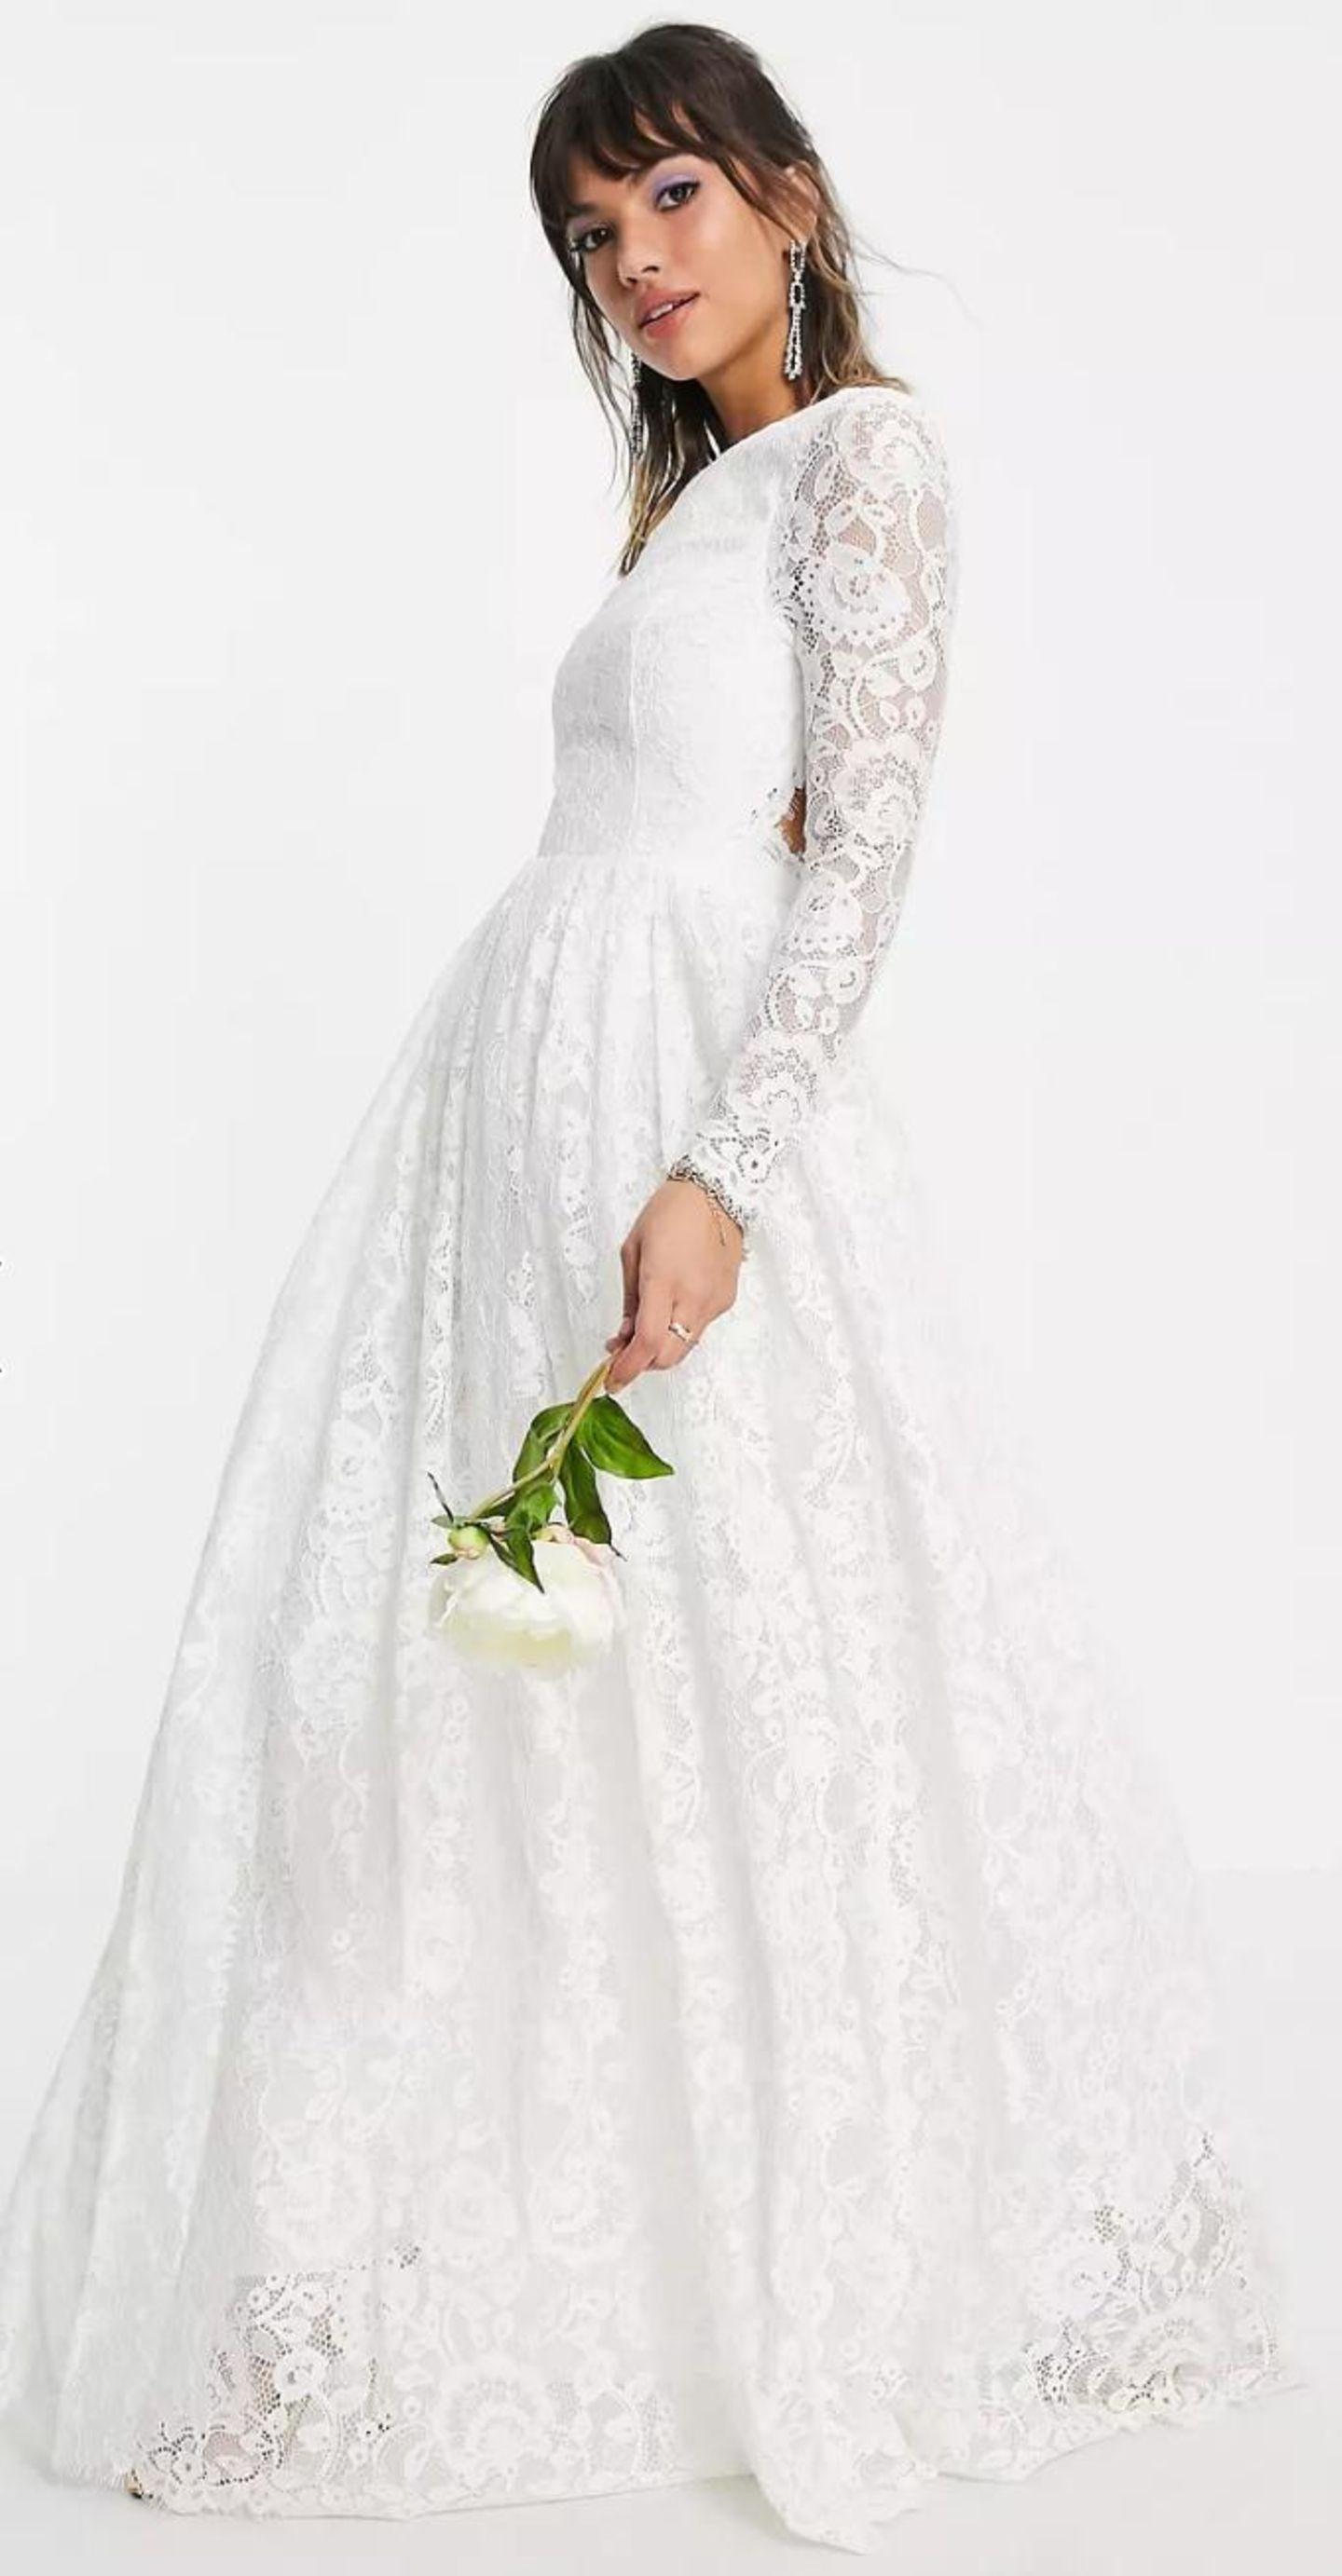 Keine Sorge, ein Hochzeitskleid kann sowohl klassisch als auch sexy sein, wie dieses Modell zeigt. Während das Kleid vorne hochgeschlossen geschnitten ist, lässt es am Rücken etwas tiefer blicken. Abgerundet wird das Kleid durch seine grobe Spitze und den leicht ausgestellten Rock.  Kleid aus grober Spitze von ASOS, um 185€.